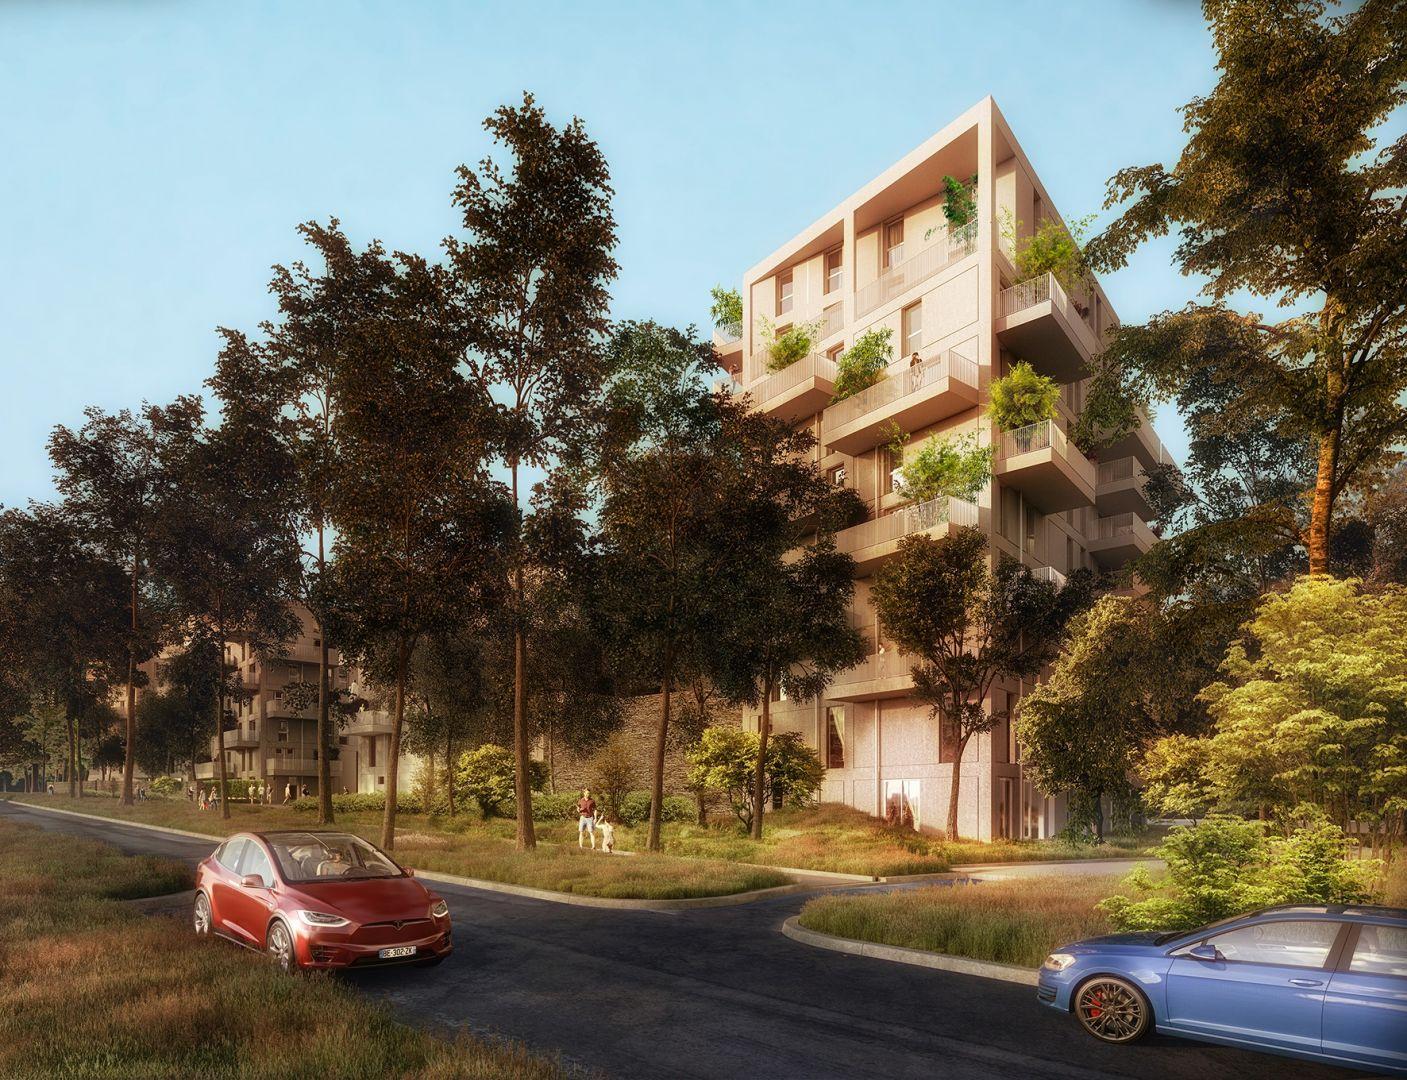 GARDEN SQUARE à Saint-Herblain (44) : 137 logements